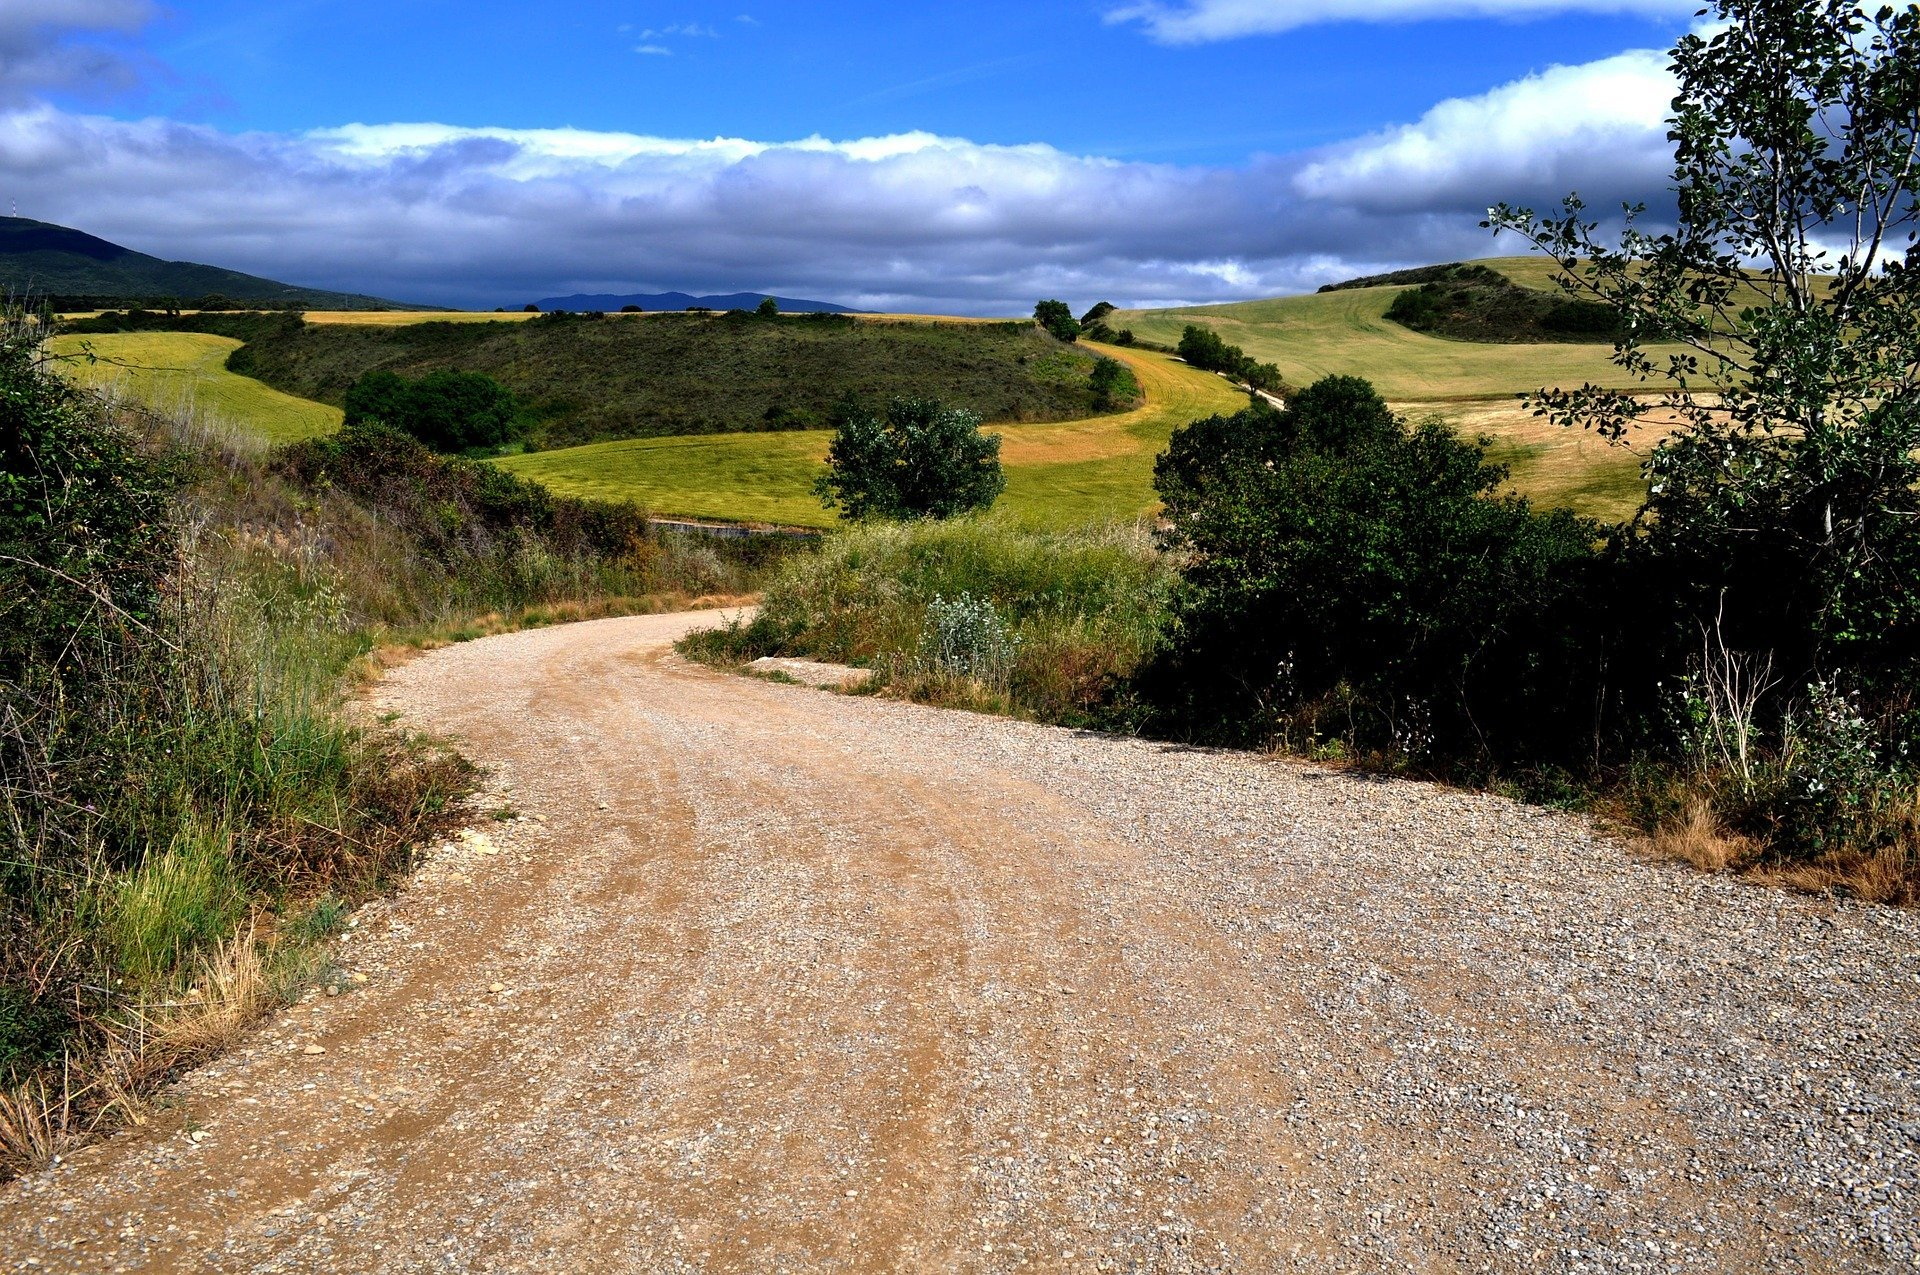 Camino de Santiago: Types of Pilgrims